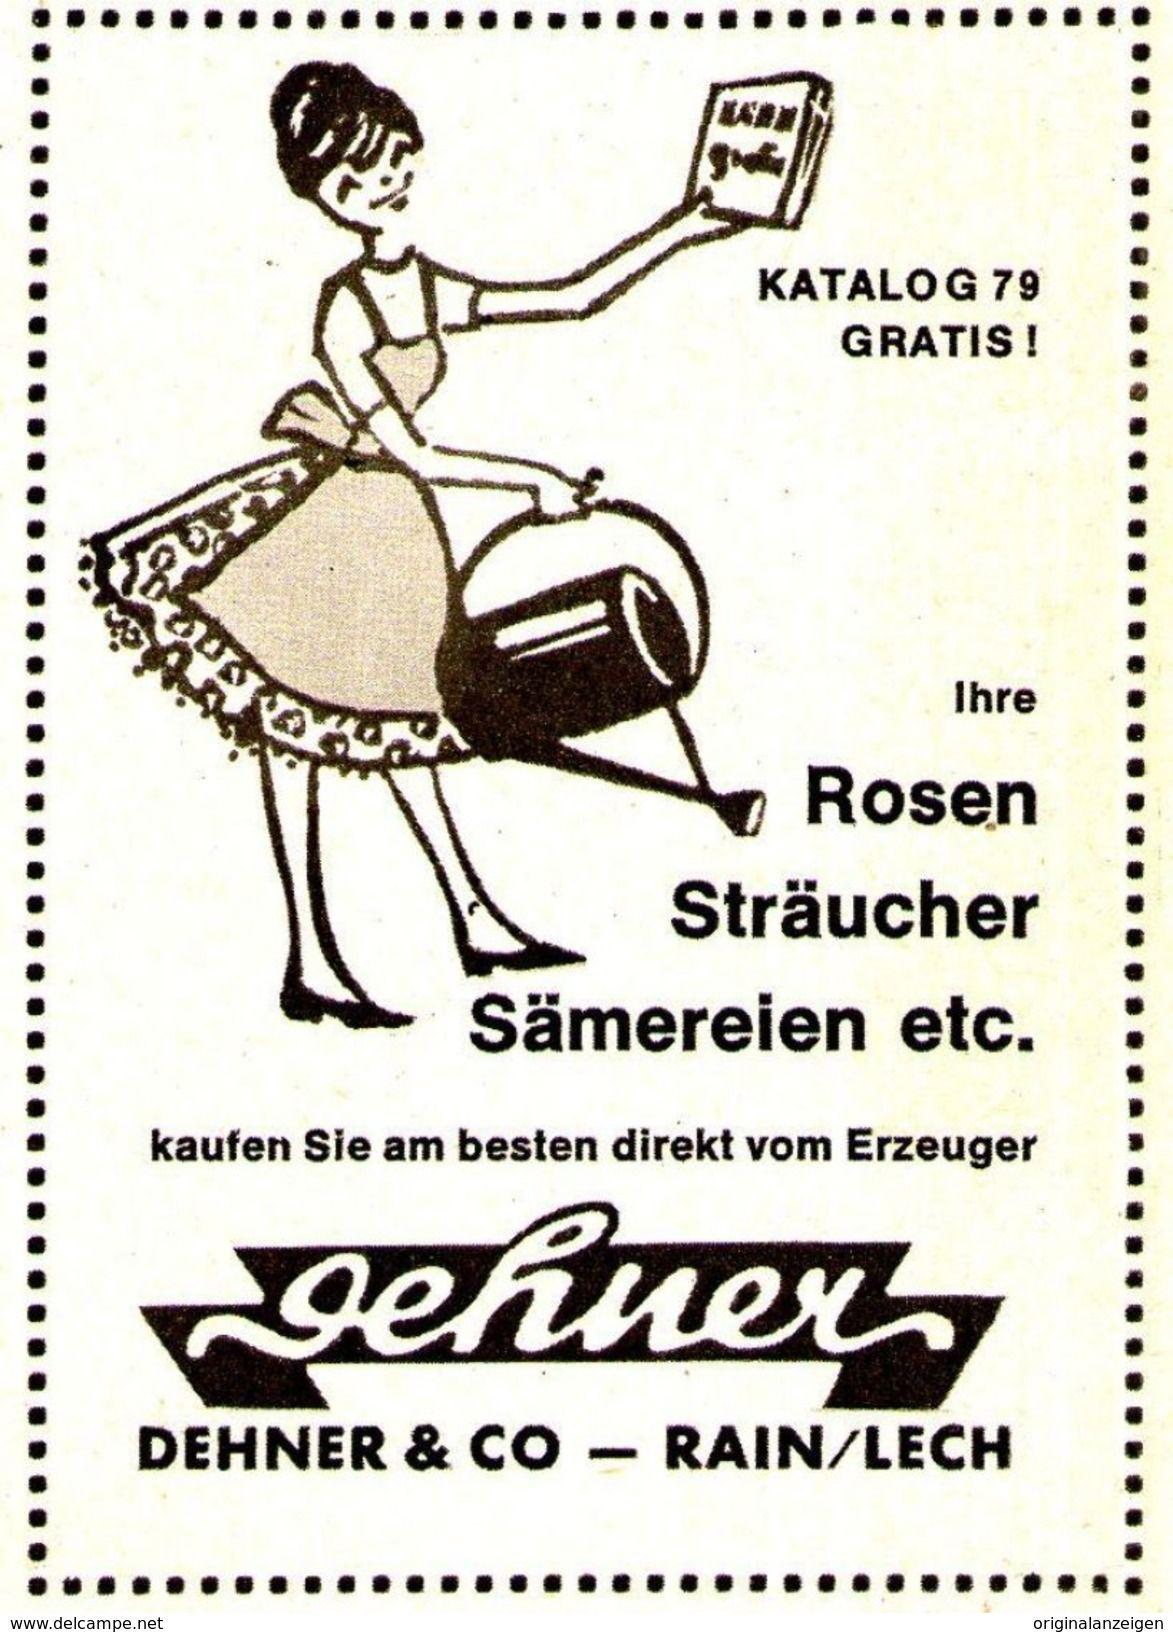 Original Werbung/ Anzeige 1961   DEHNER KATALOG / SAMEN / ROSEN   Ca.